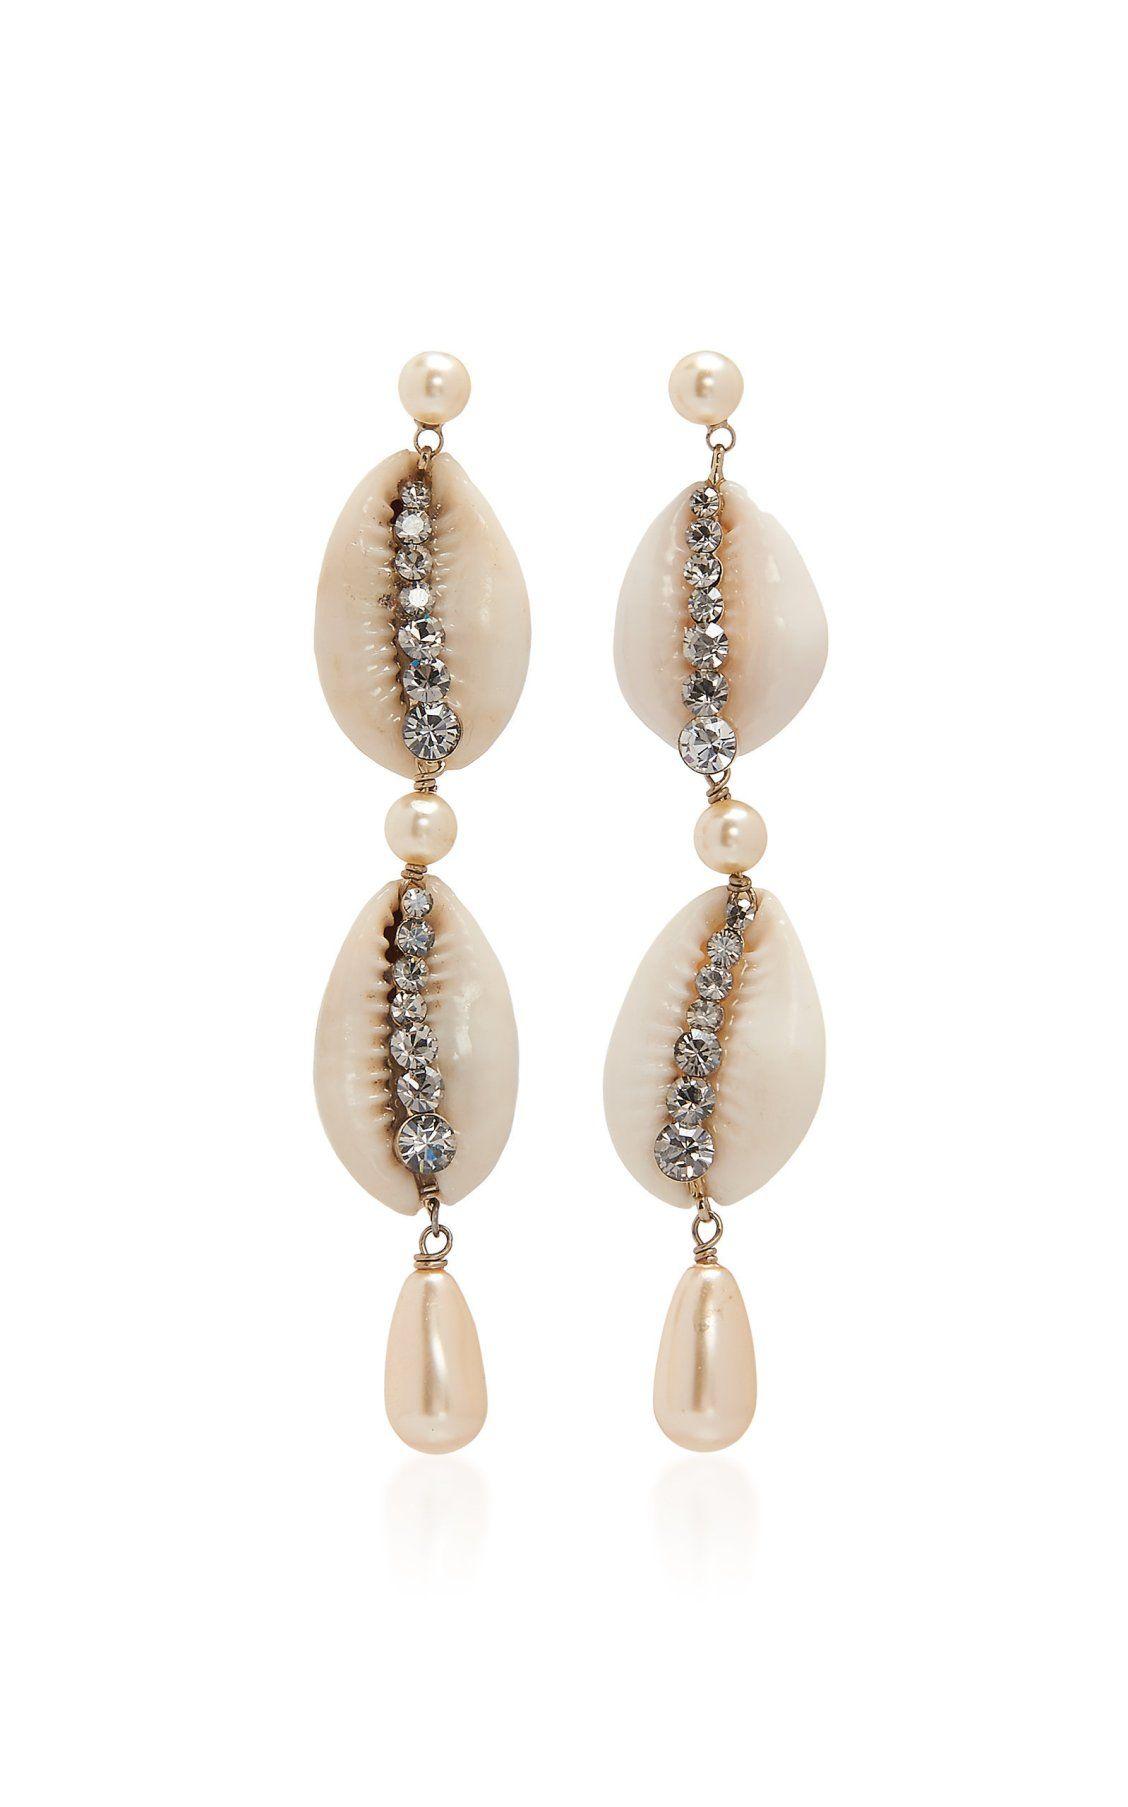 02285b91b Long Conch Shell Drop Earrings by Etro SS19 | Jewelry in 2019 ...